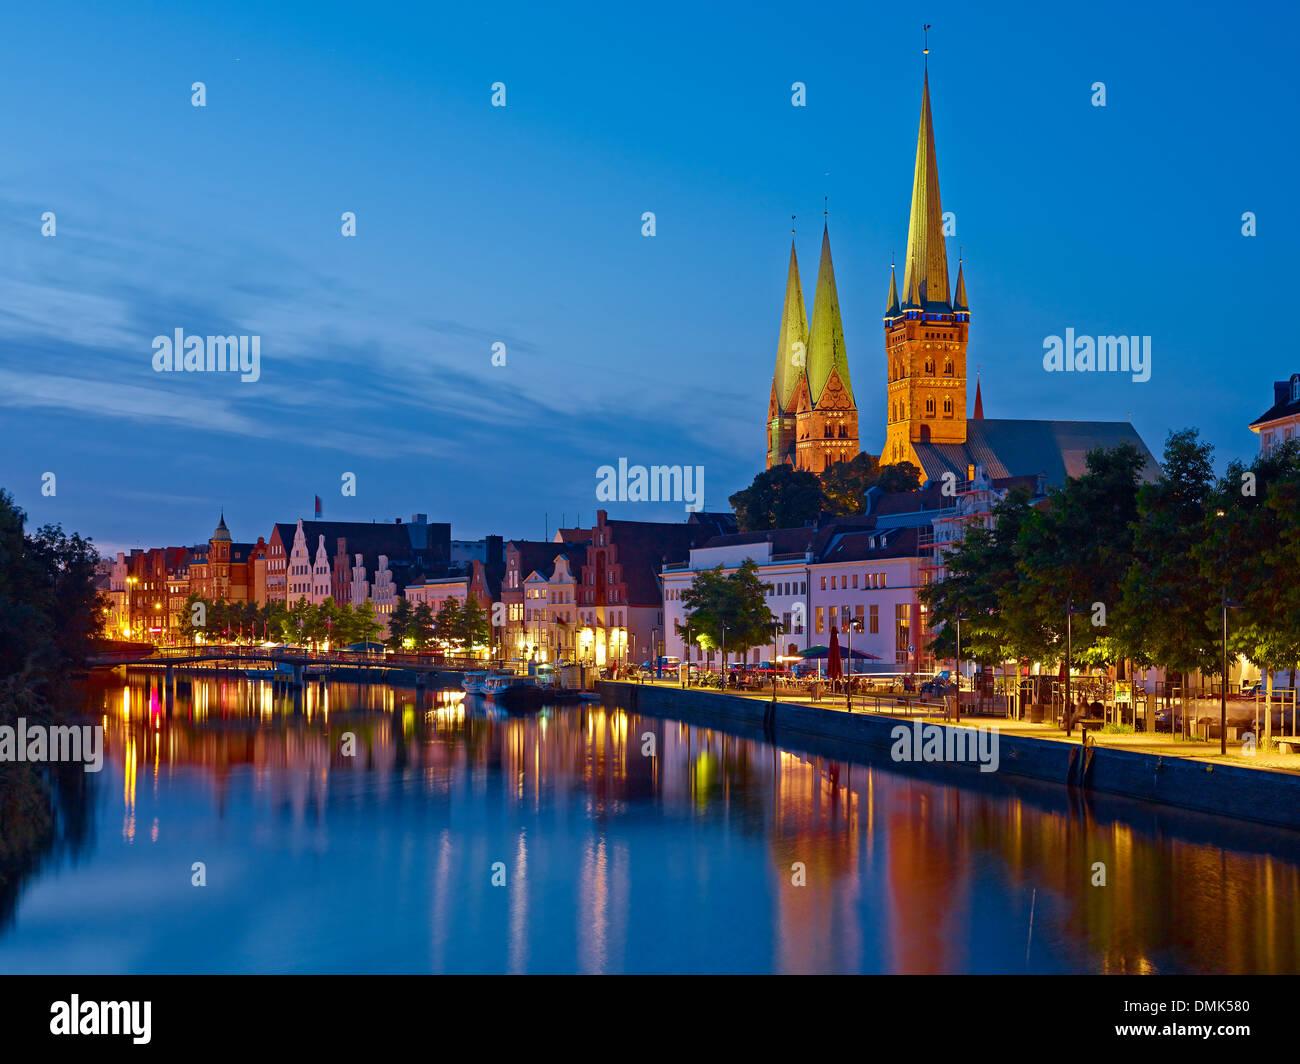 Ver a Obertrave con St.Mary's de Lübeck y la iglesia de San Pedro, Lübeck, Schleswig-Holstein, Alemania Imagen De Stock